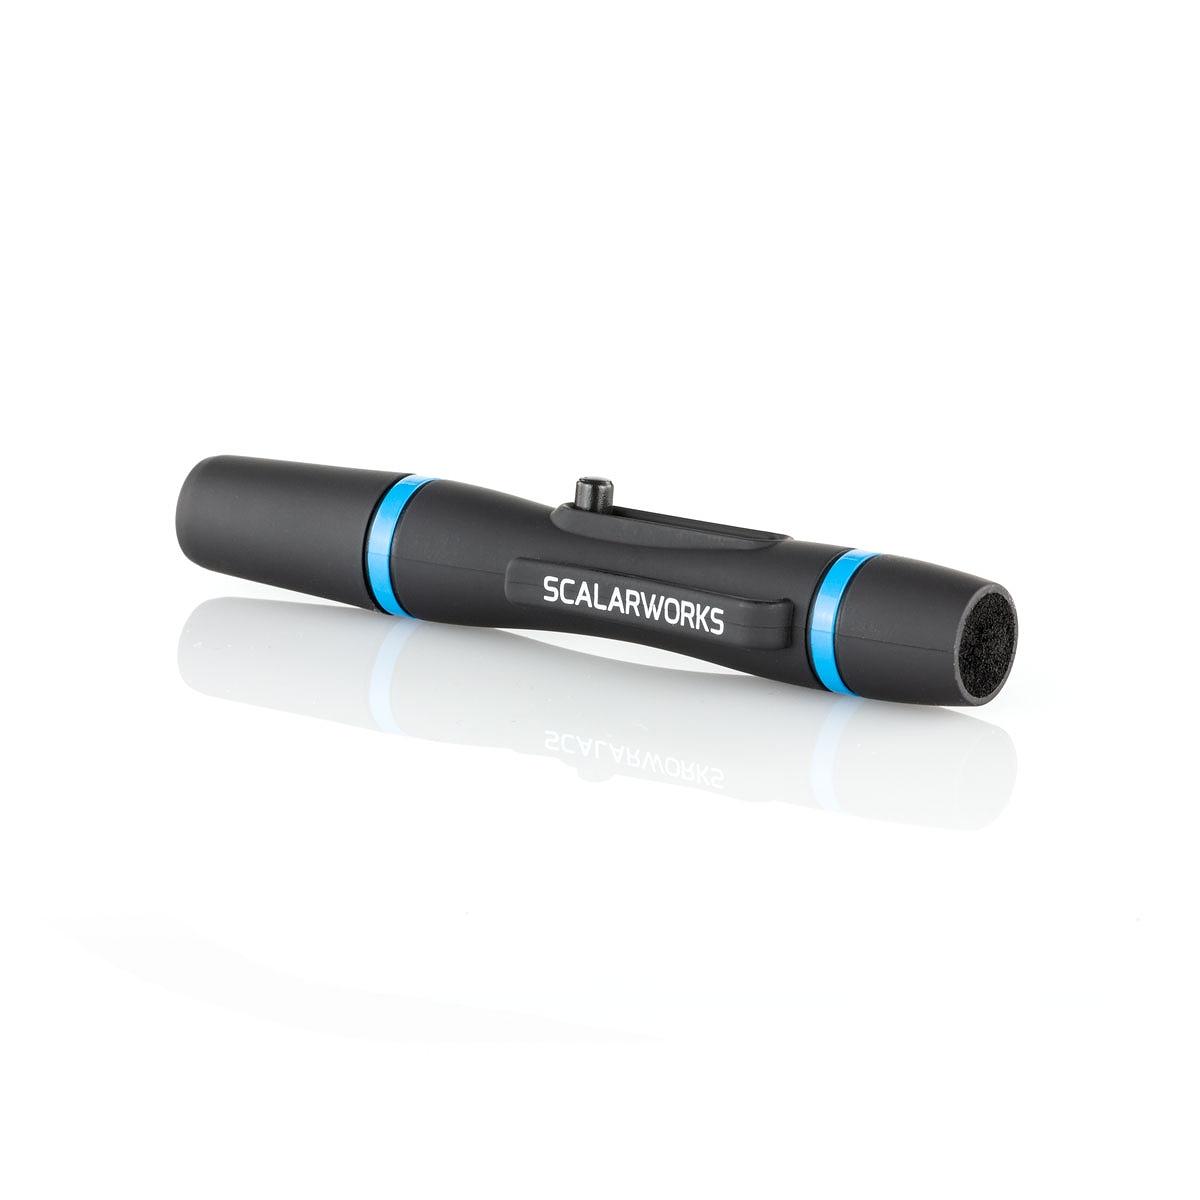 【お届け予定日: 5月30日】スカラーワークス LensPen  SCALARWORKS